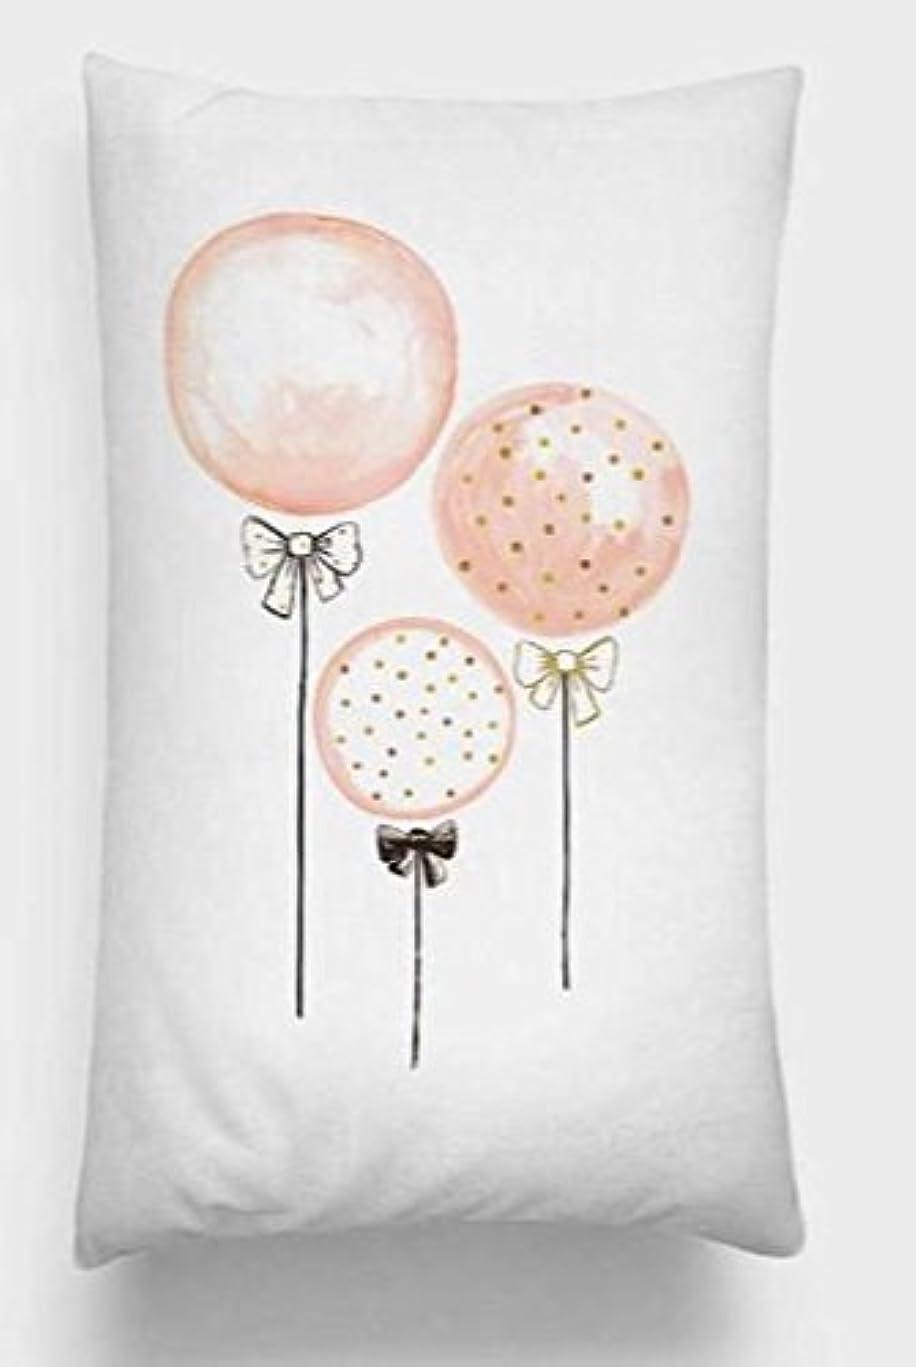 恒久的極めてサラミLIFE 新しいぬいぐるみピンクフラミンゴクッションガチョウの羽風船幾何北欧家の装飾ソファスロー枕用女の子ルーム装飾 クッション 椅子